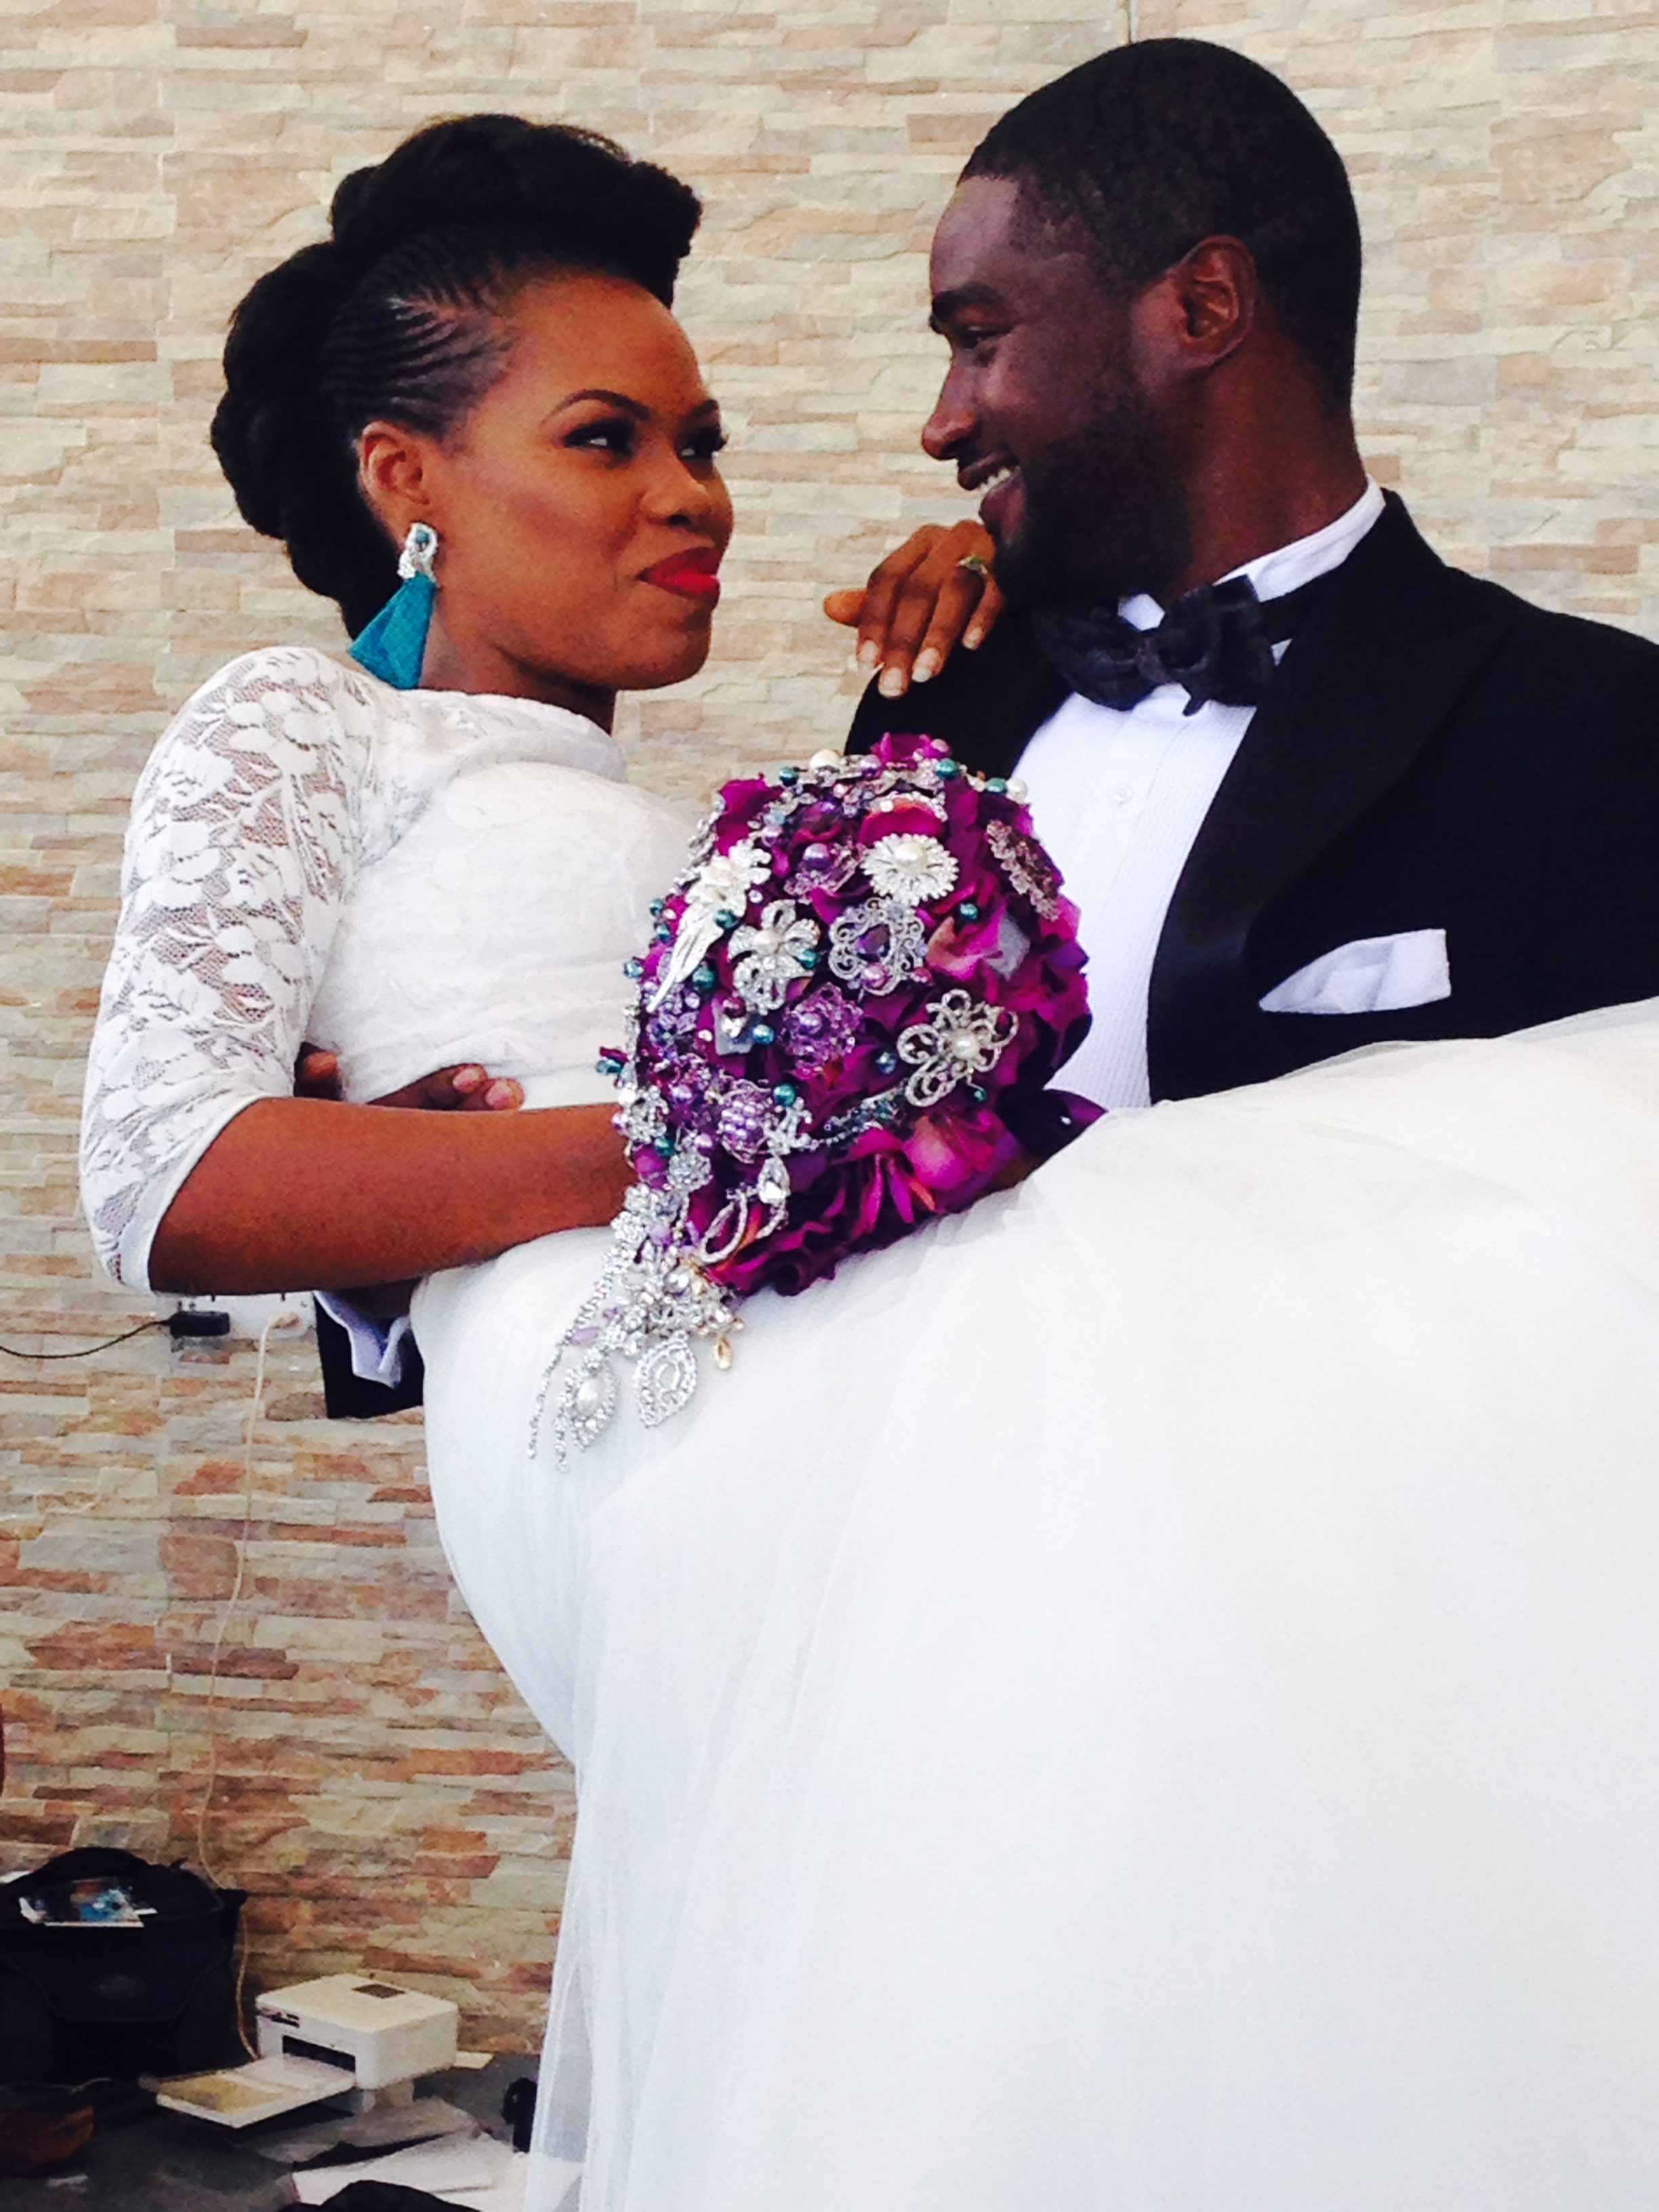 a natural nigerian bride - tosin el-zakir - natural